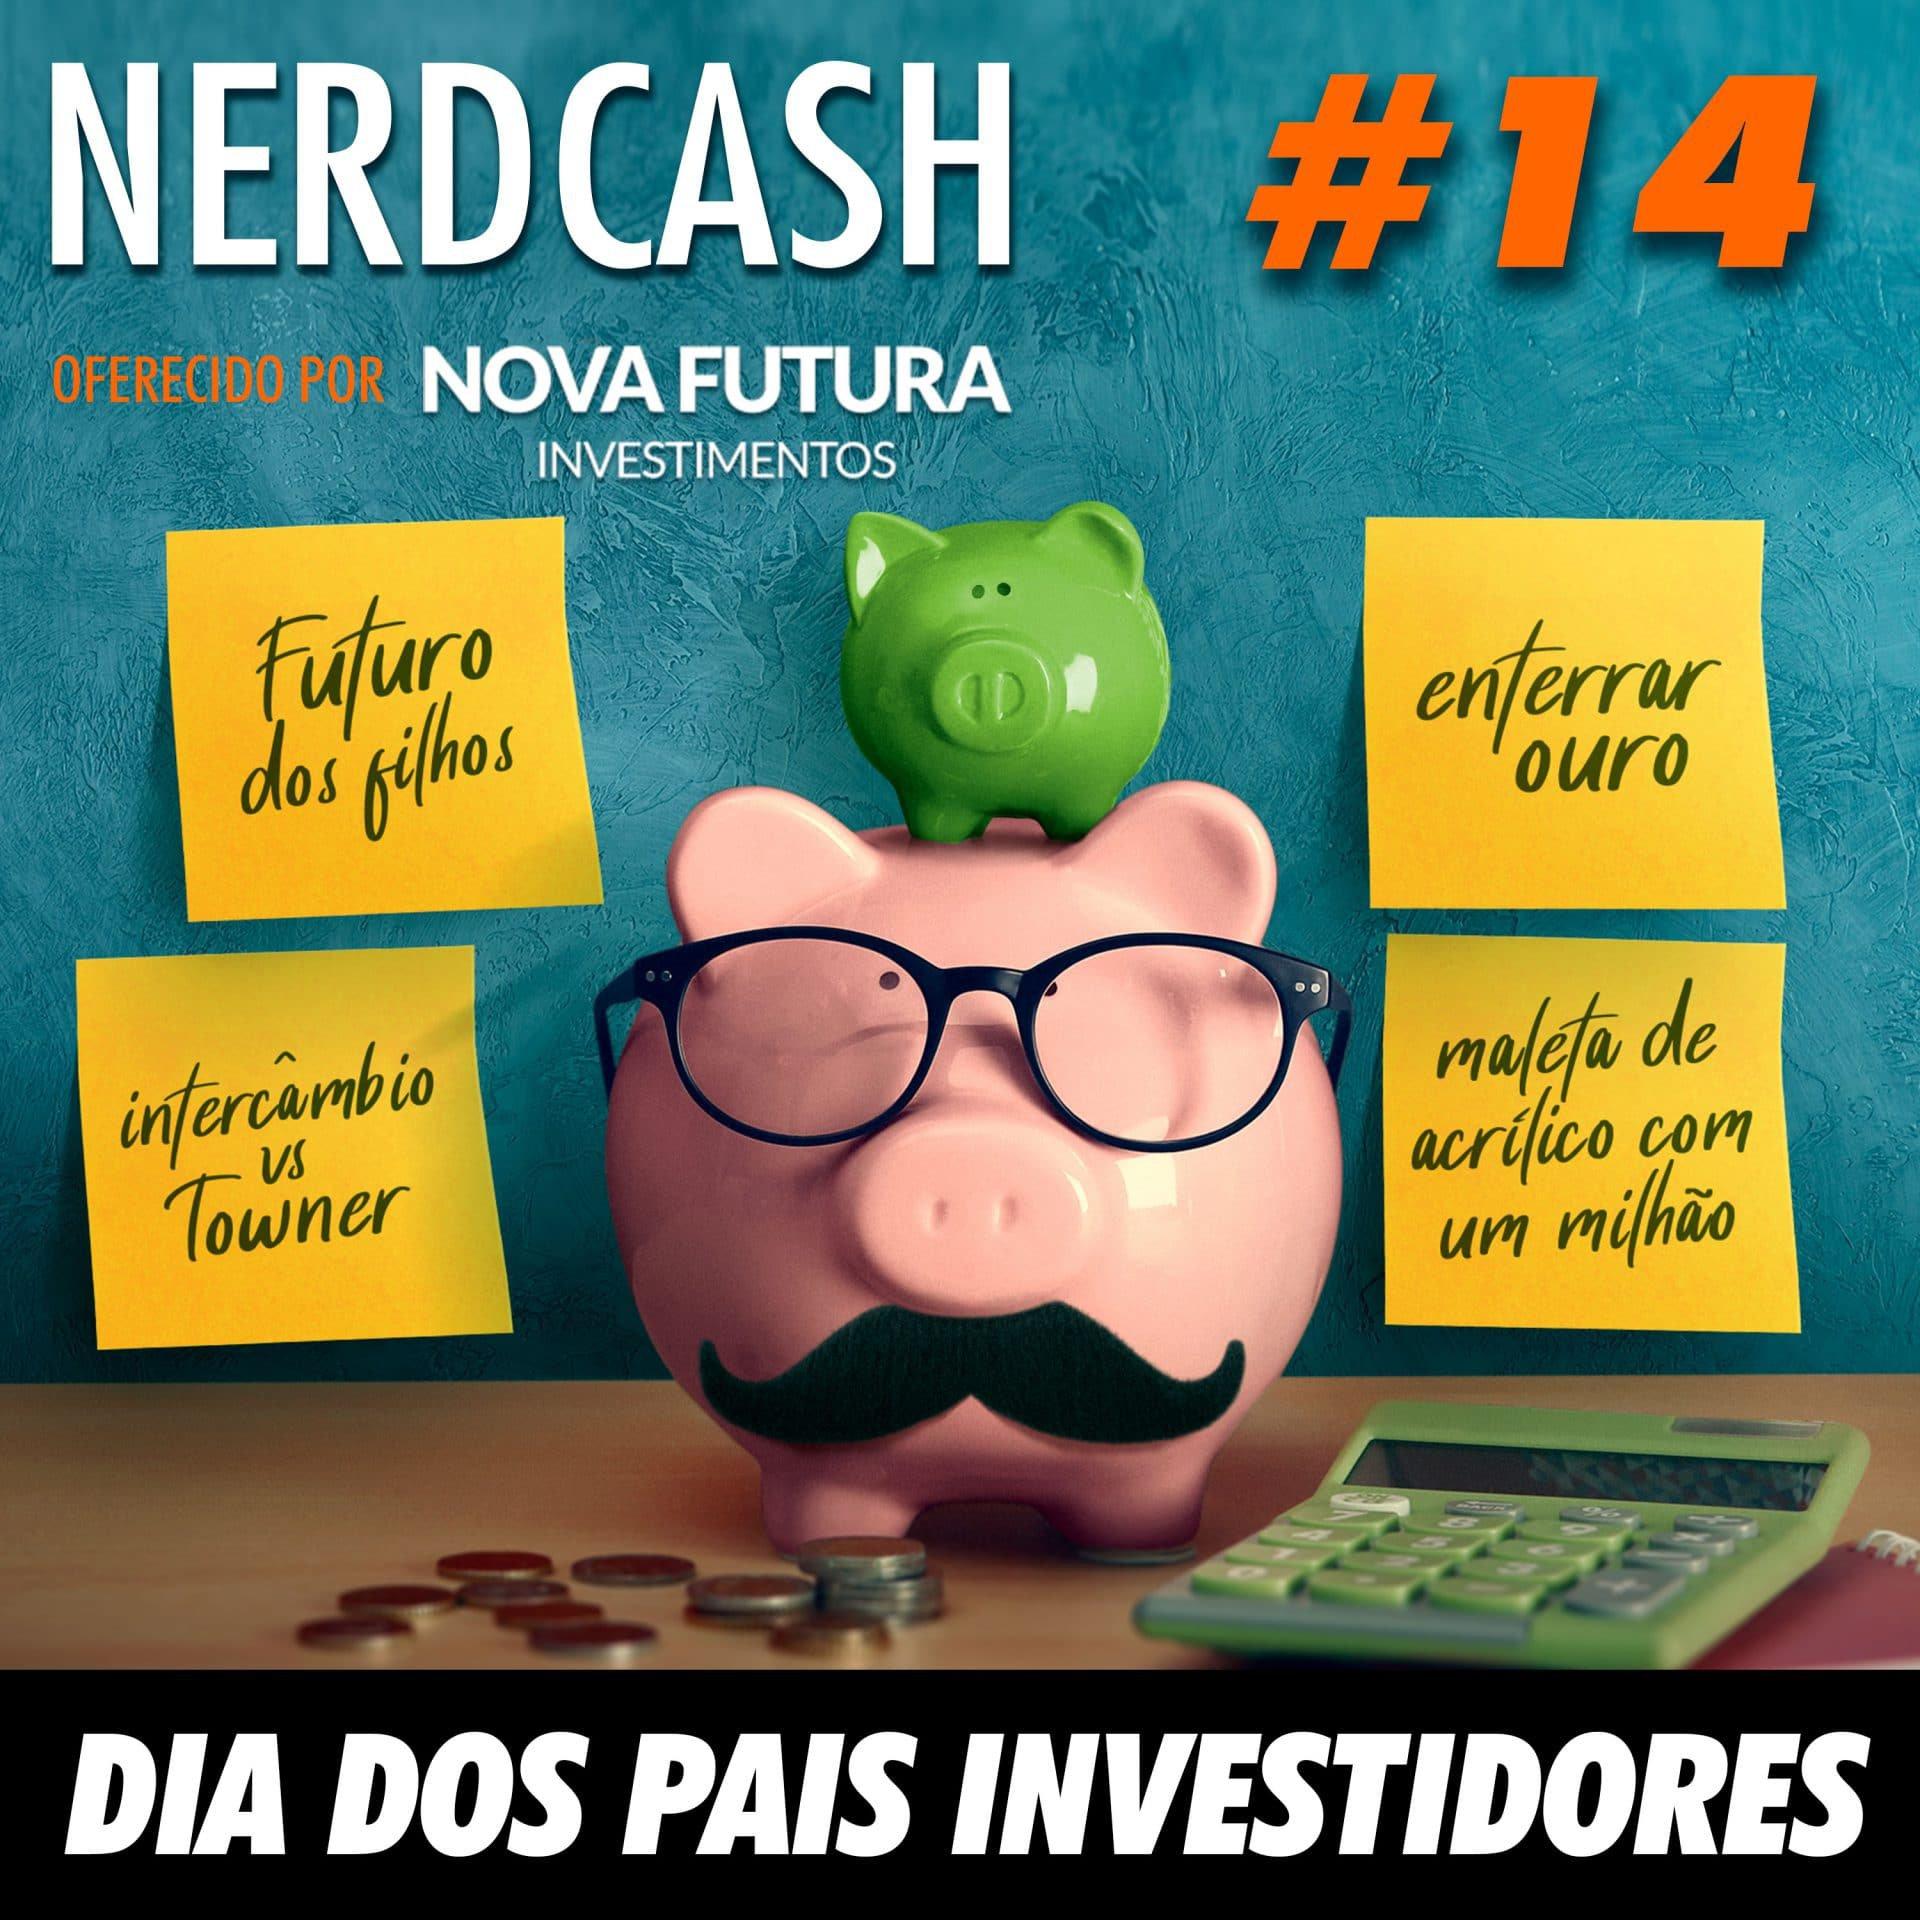 NerdCash 14 - Dia dos pais investidores